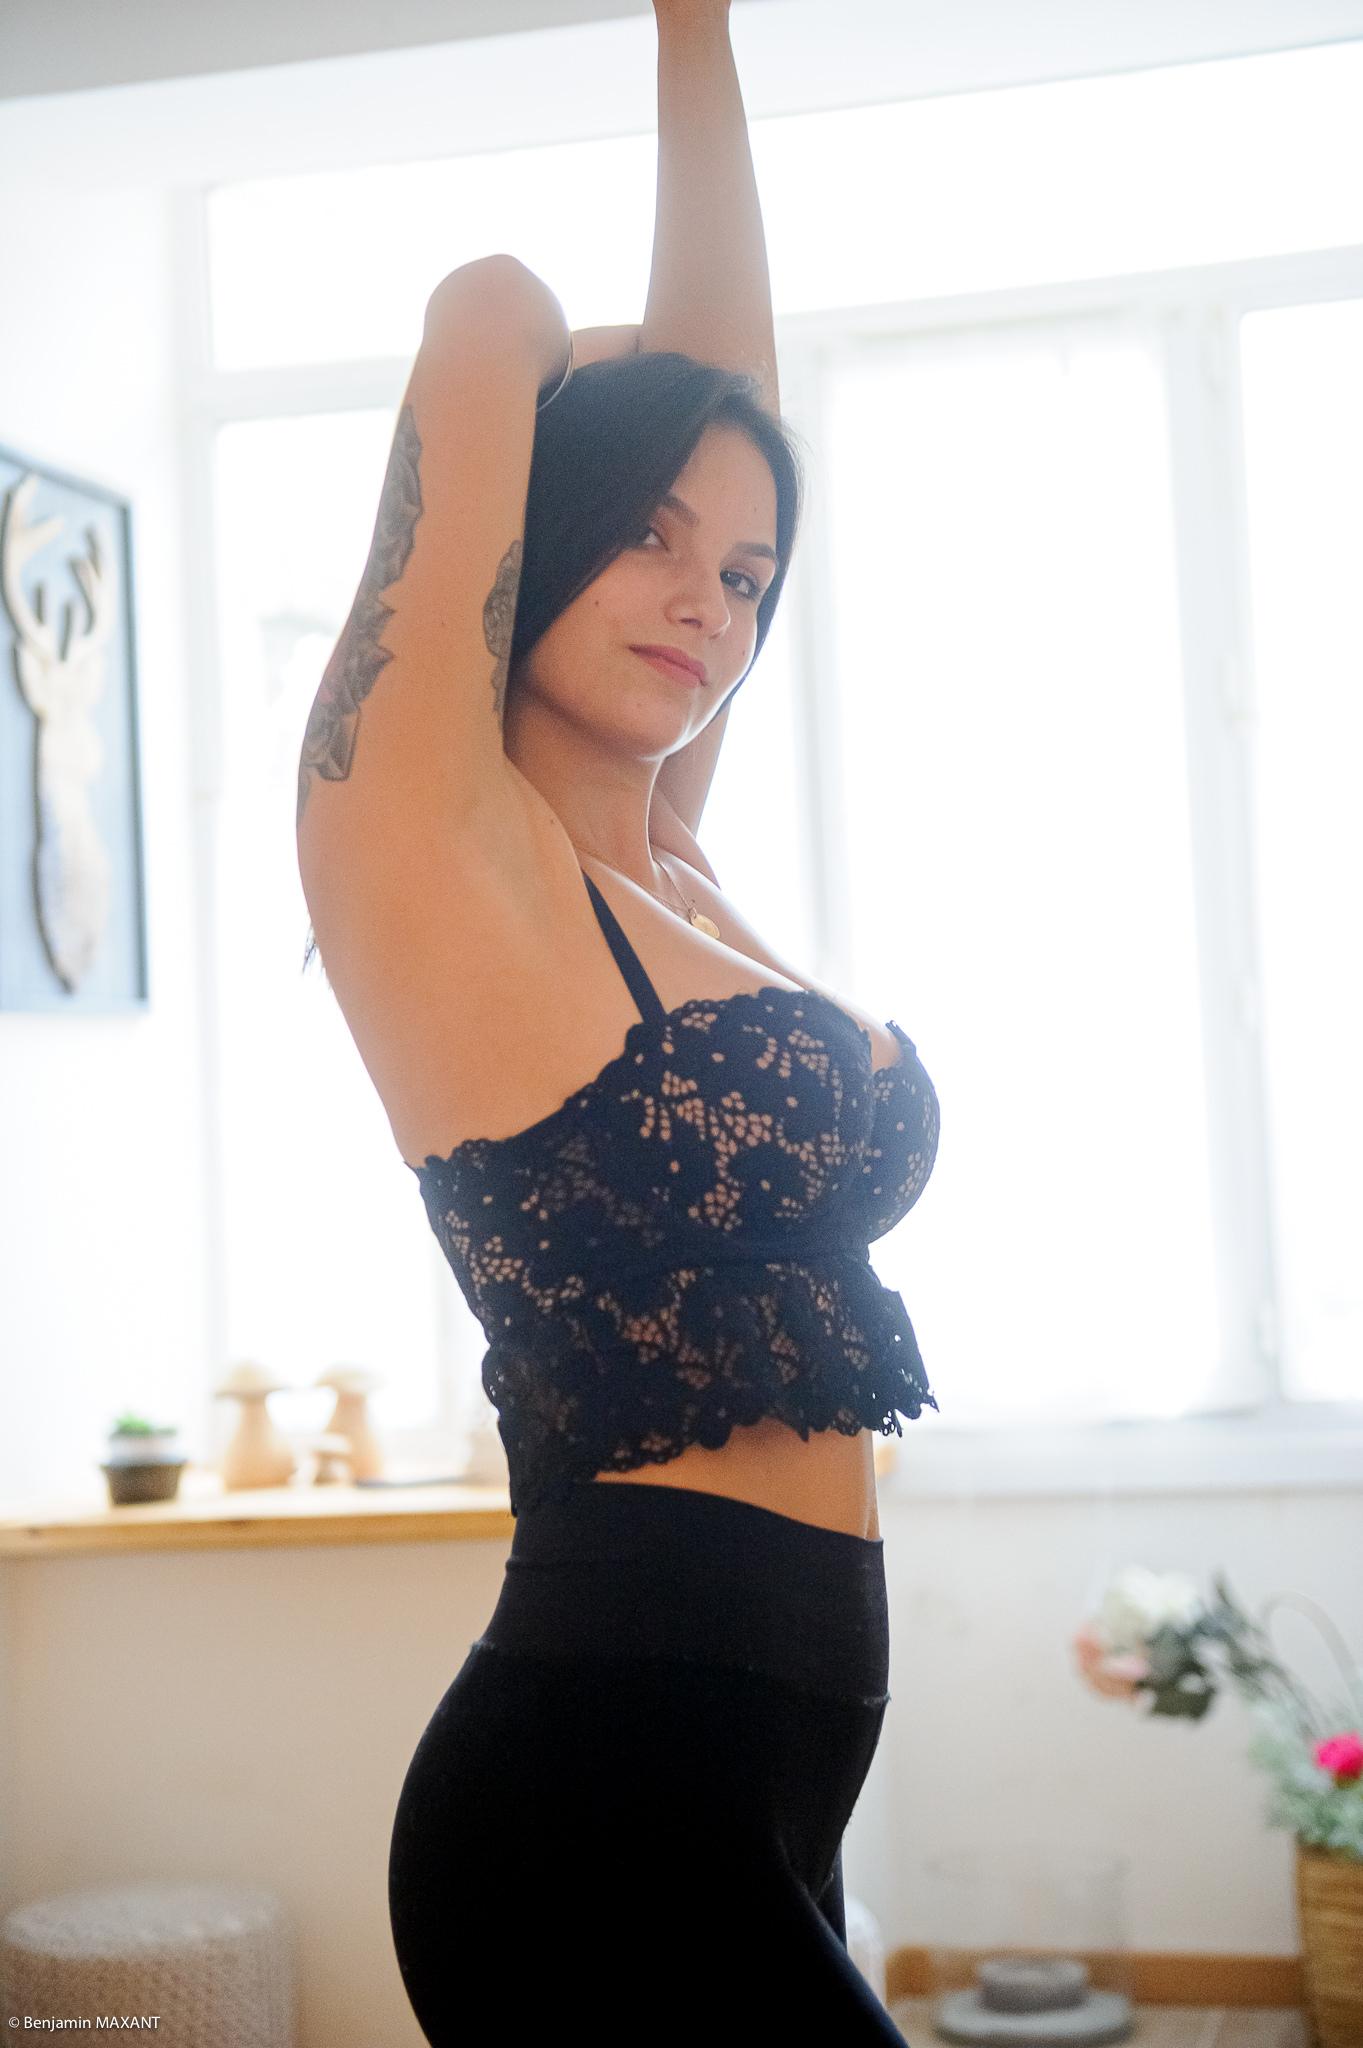 Séance photo boudoir au lingerie noire debout pose